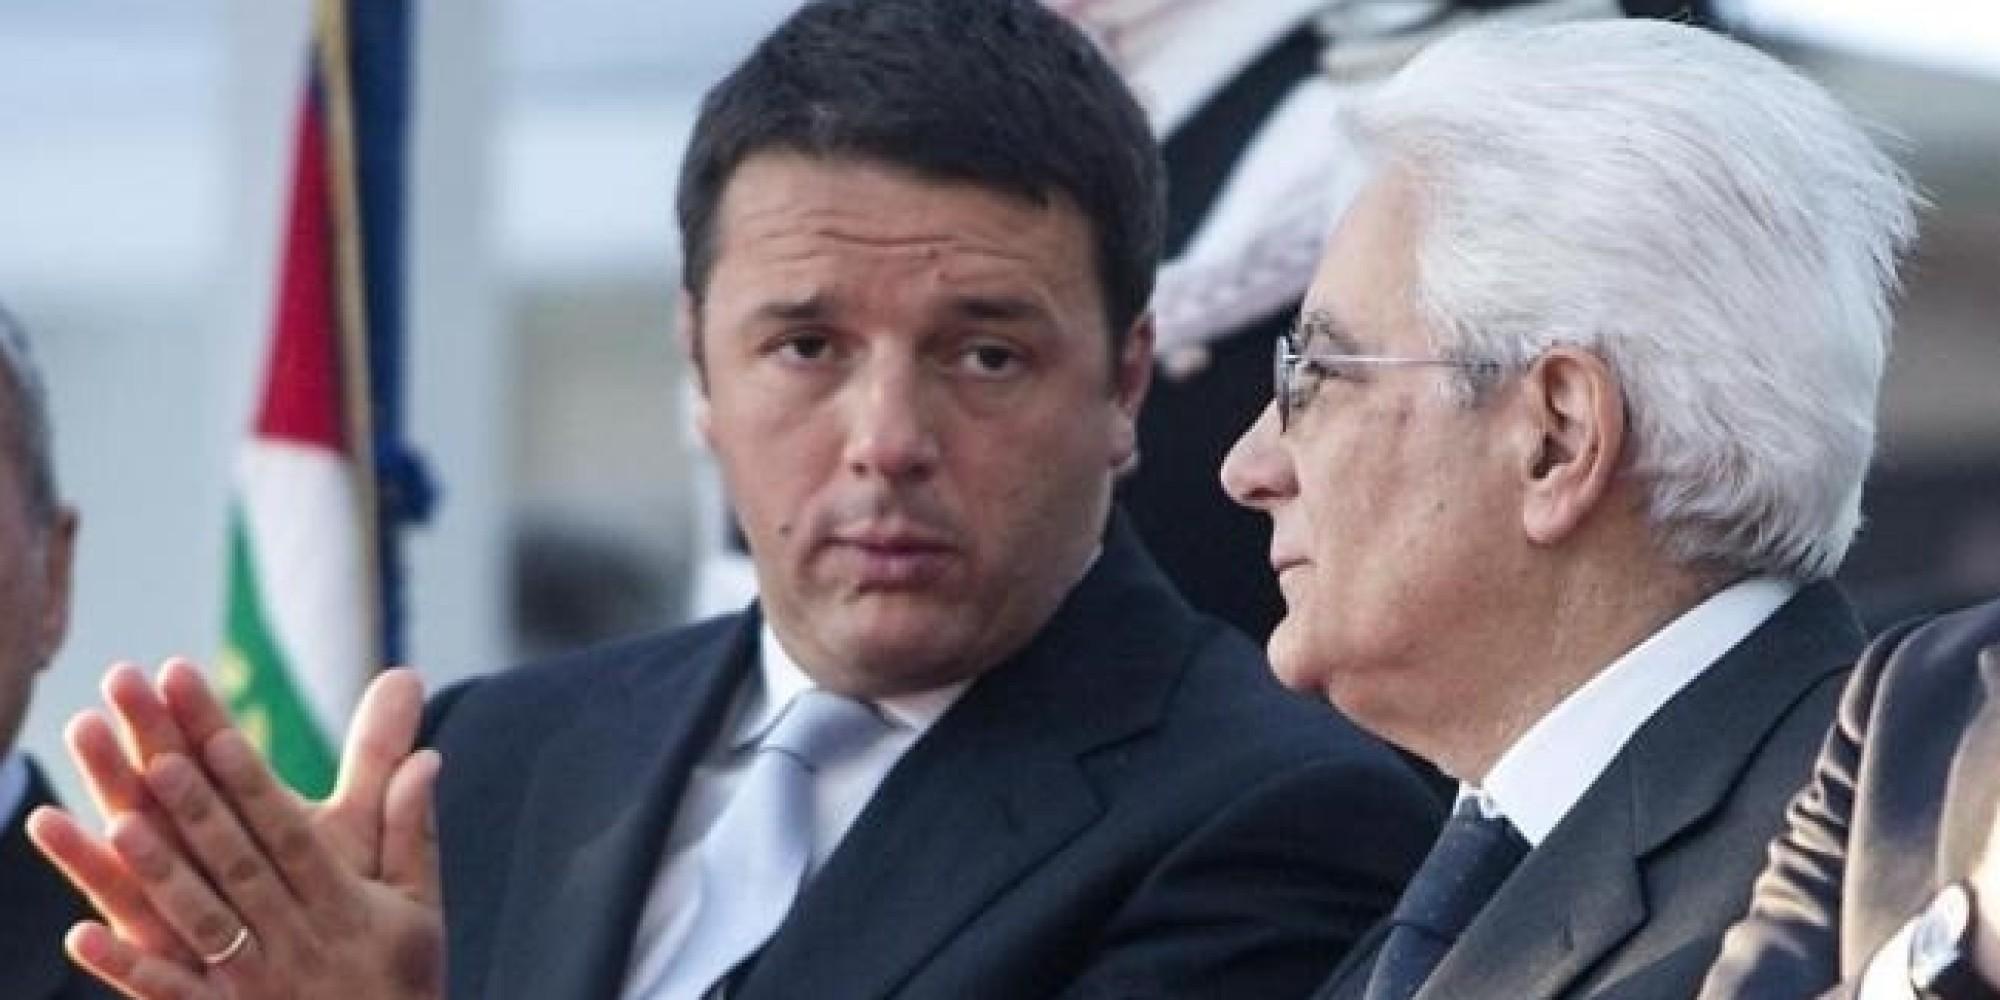 Infrastrutture, l'interim a Renzi